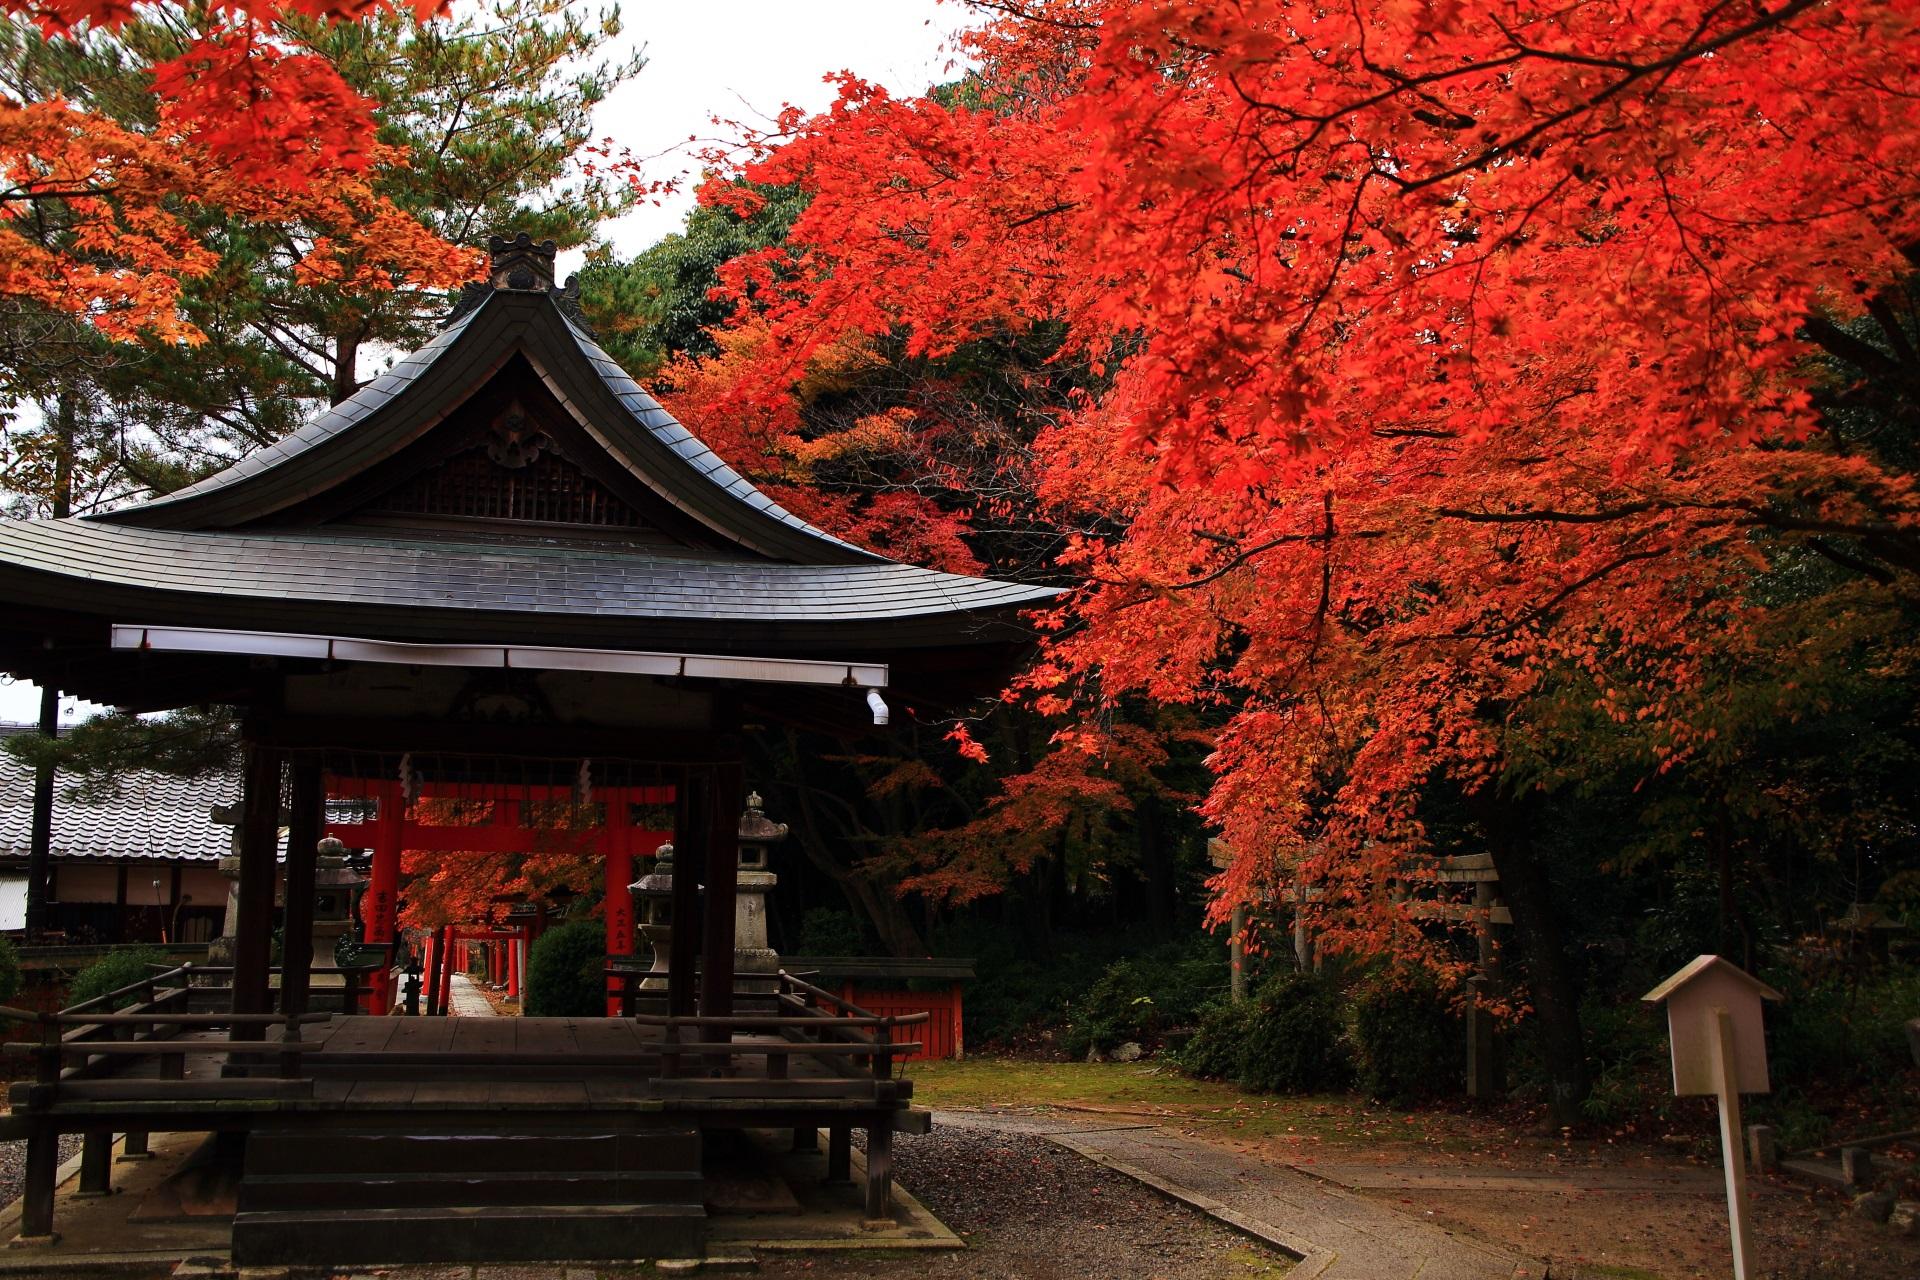 ほのかに光るような見事な色合いの紅葉